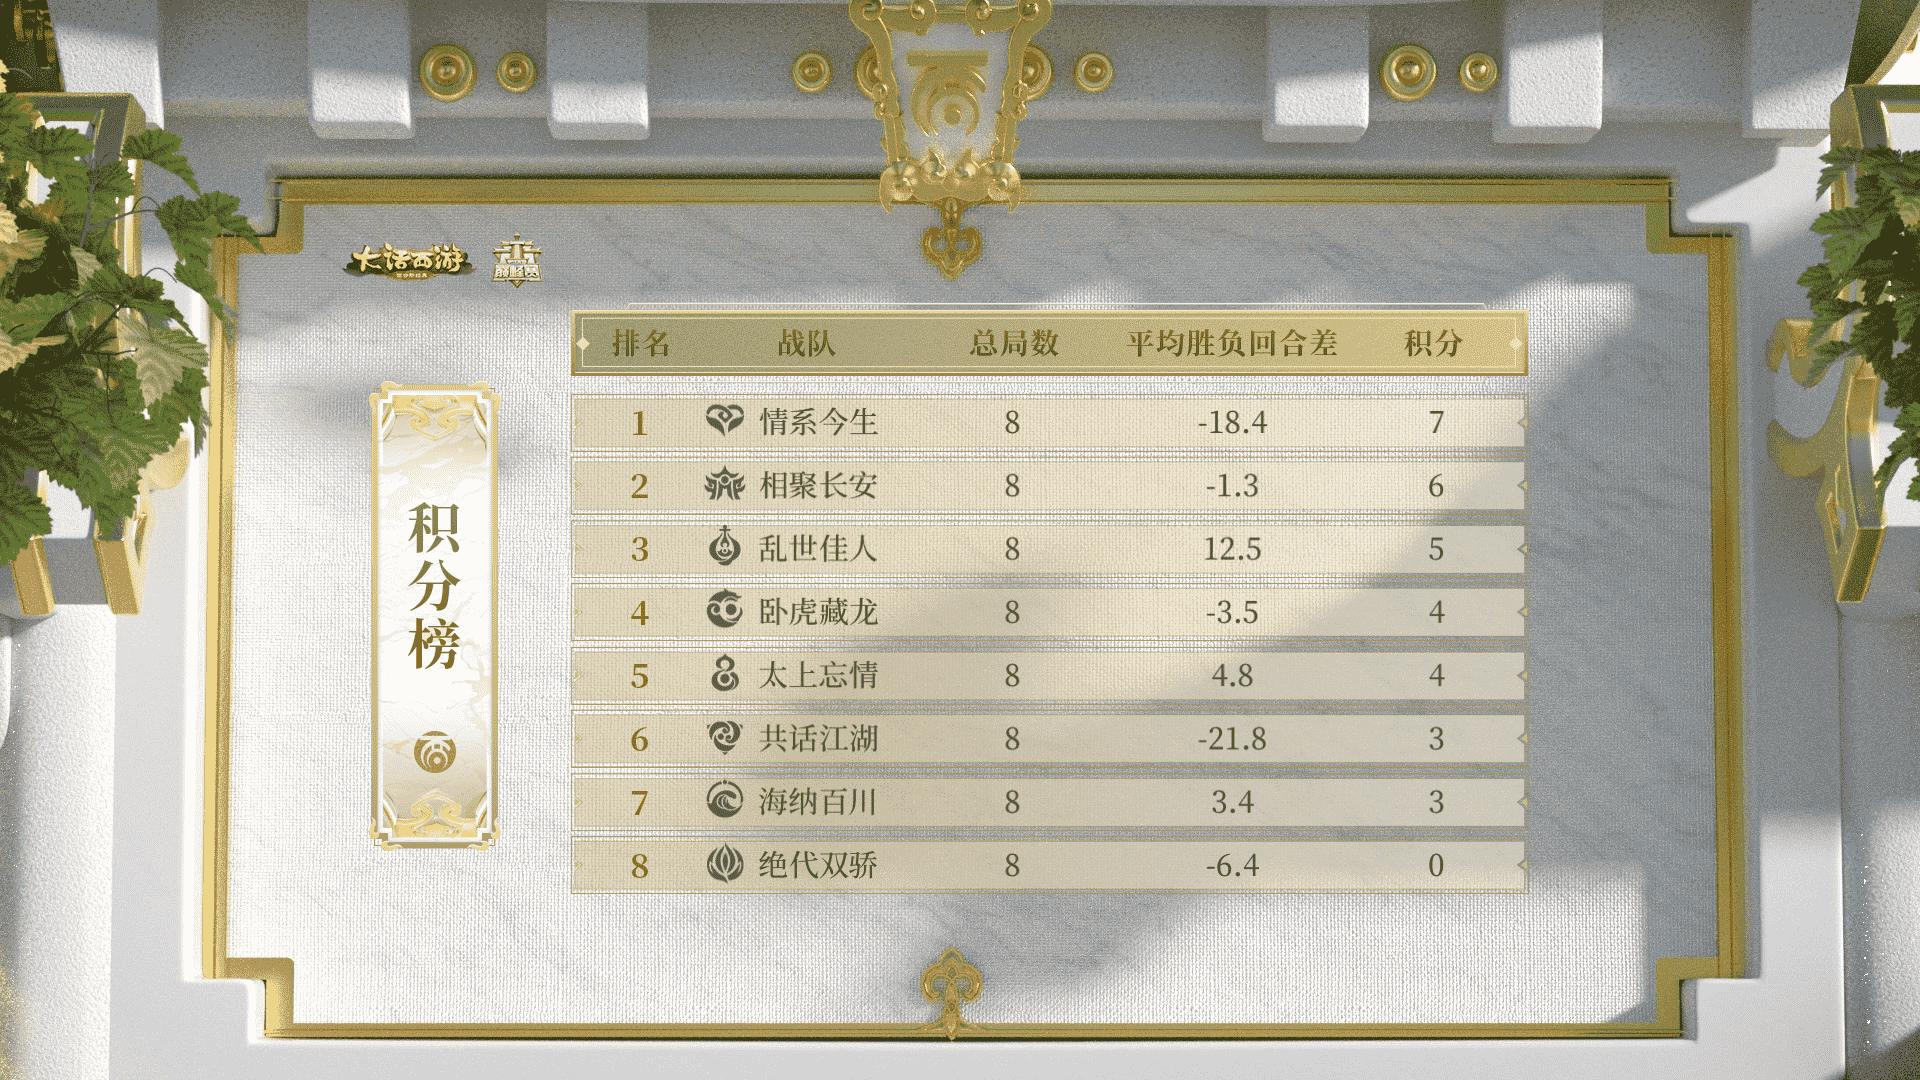 《群雄逐鹿巅峰赛》常规赛第一周,情系今生8战7胜优势领先